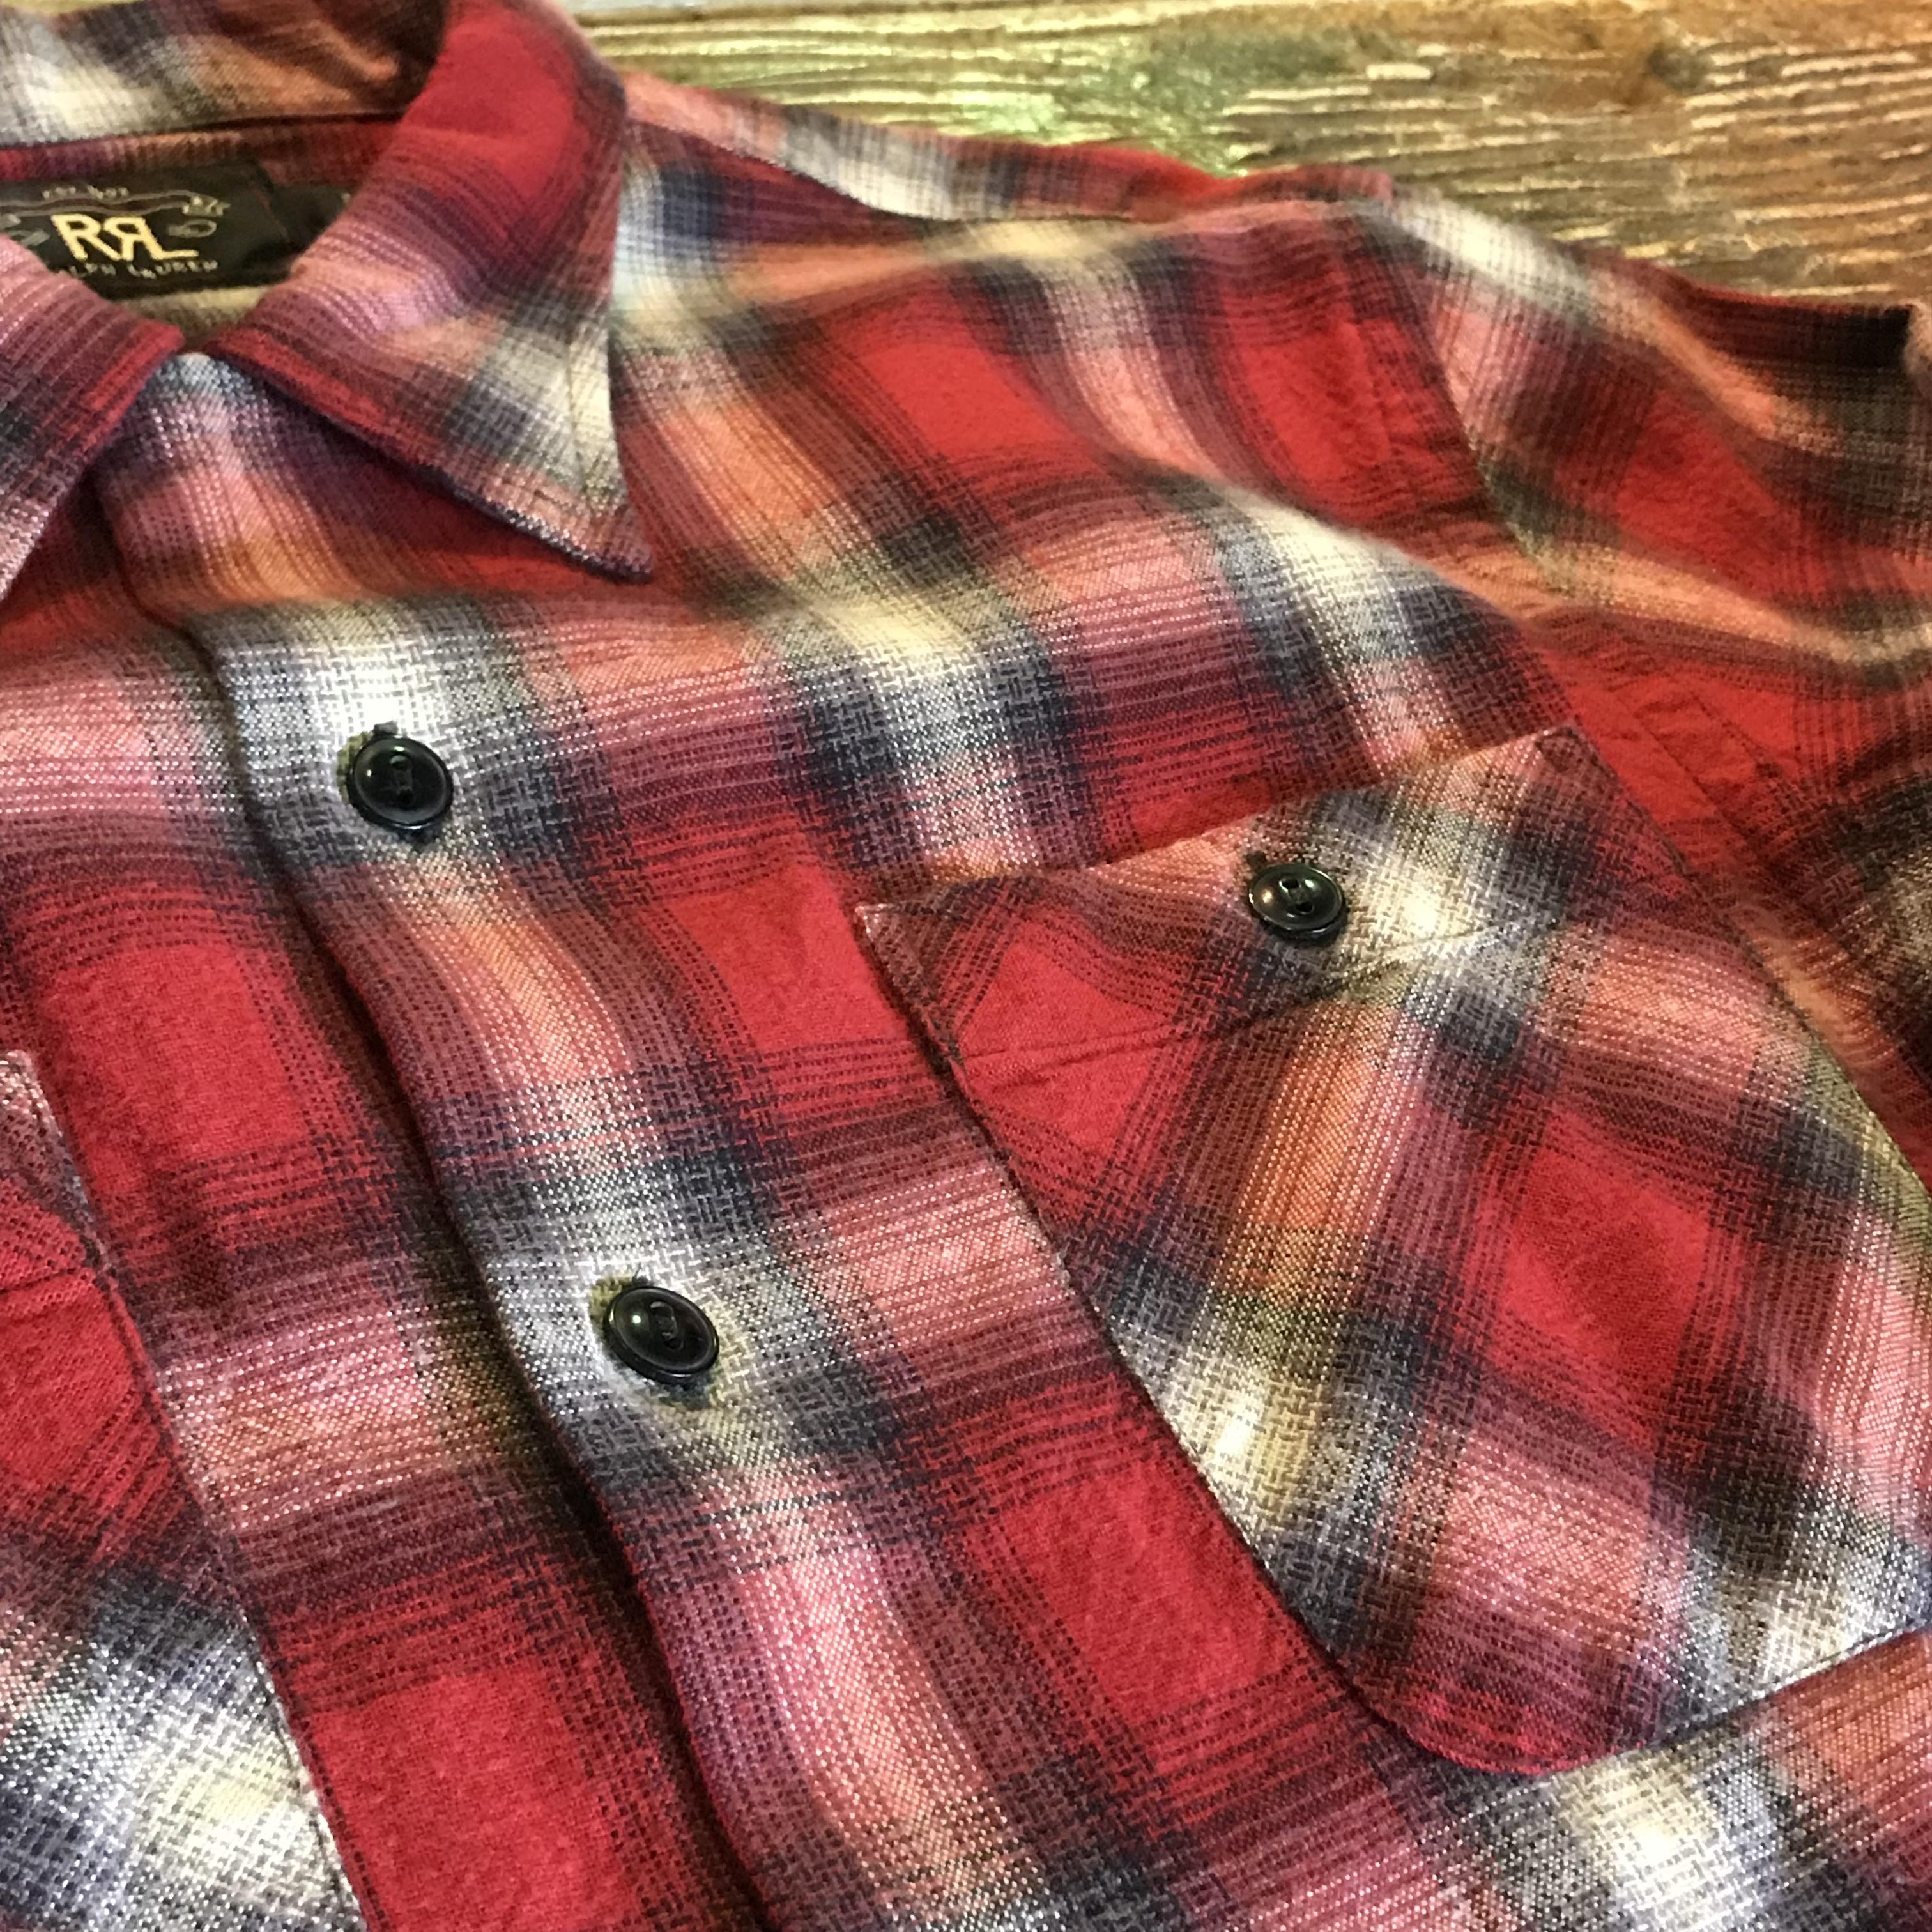 【新品】RRL Ombre Plaid Shirts オンブレ チェックシャツ ネルシャツ